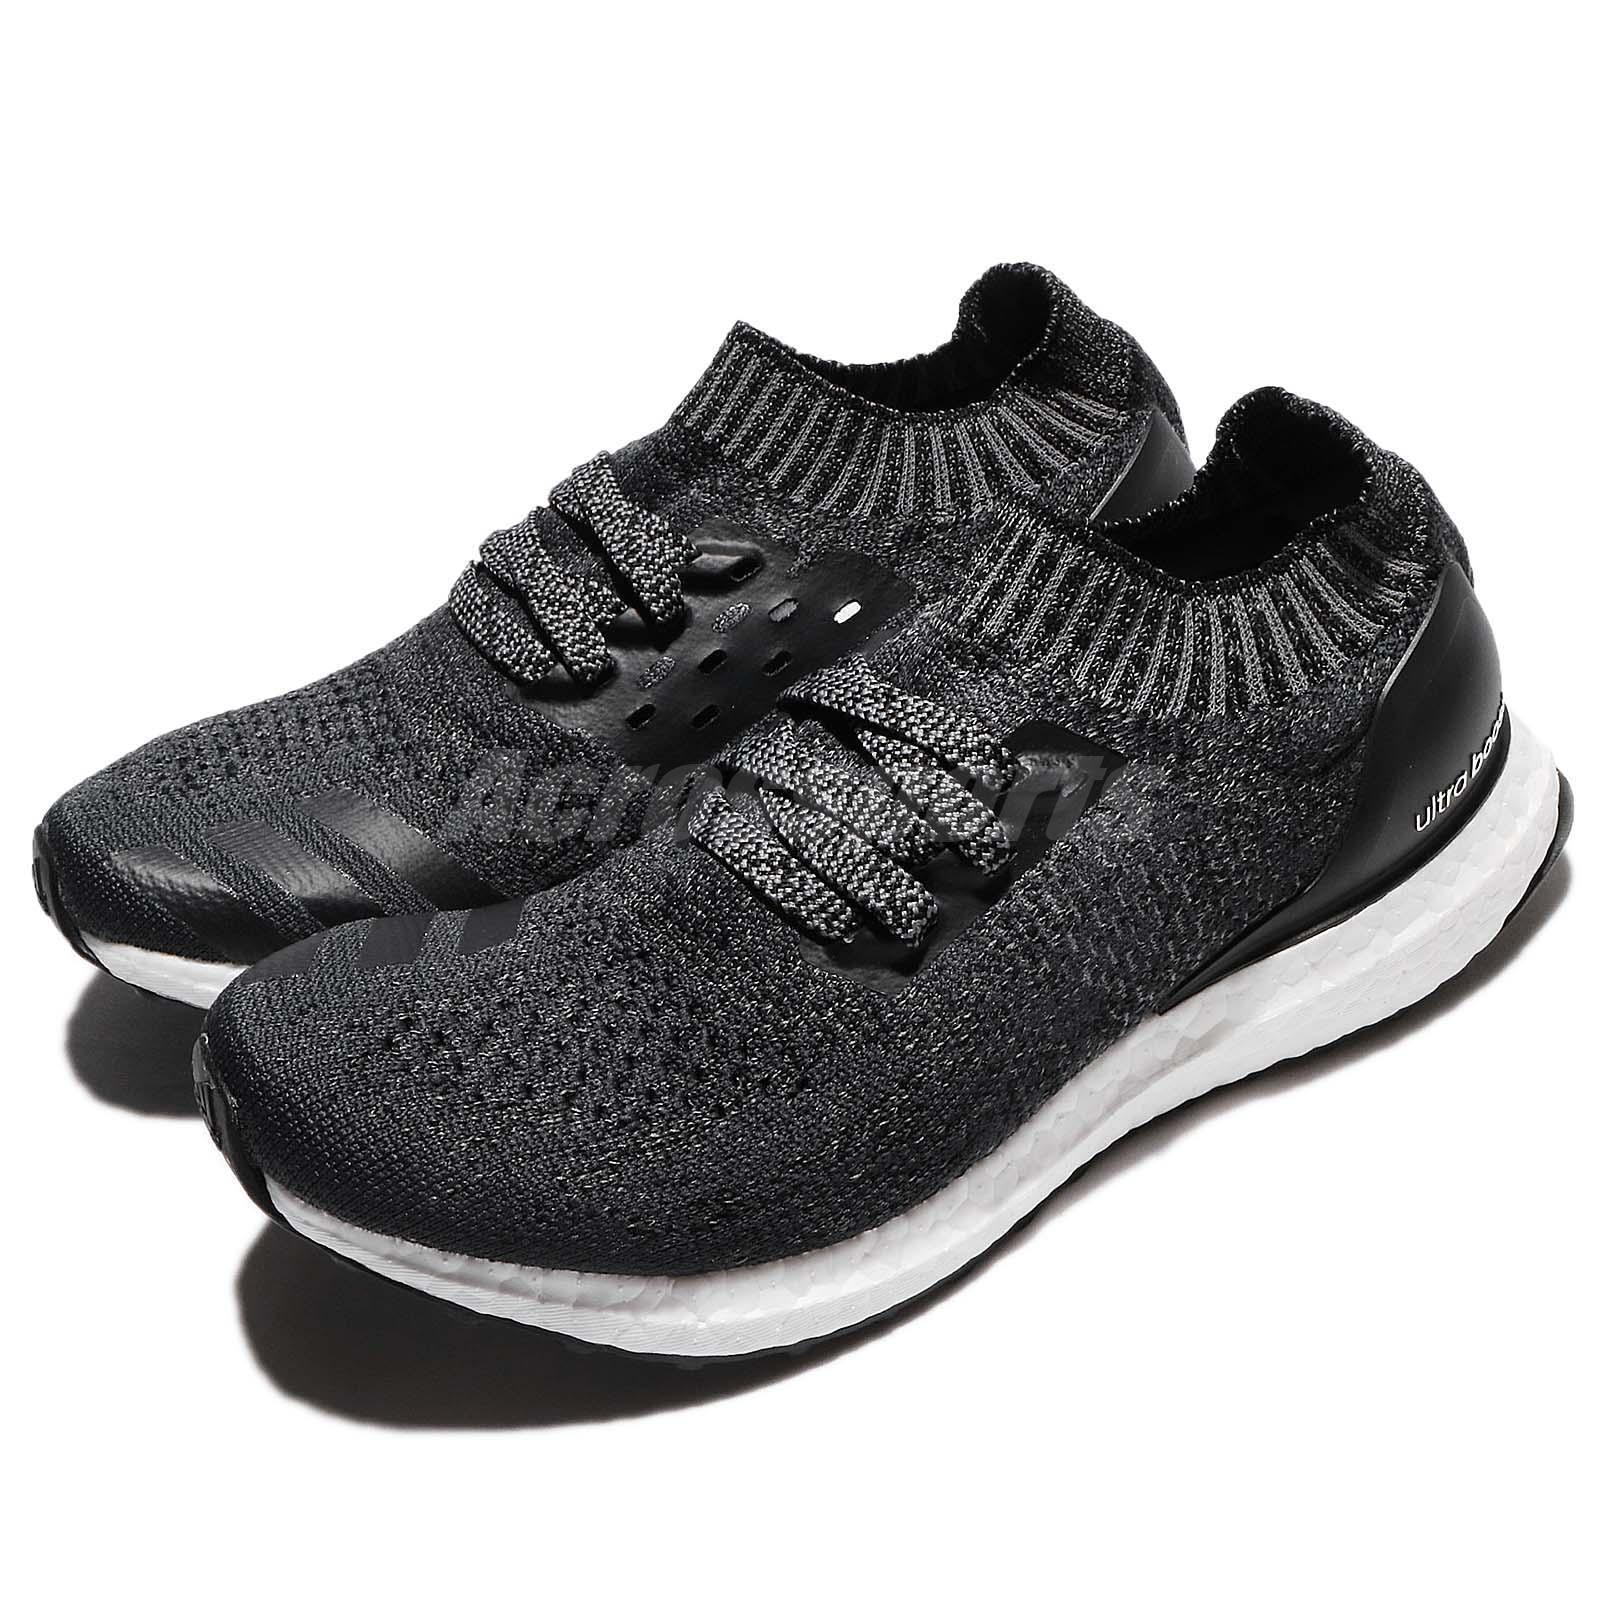 adidas UltraBOOST Uncaged W Carbon noir  Gris Sneaker  Femme fonctionnement chaussures Sneaker Gris DB1133 fece55